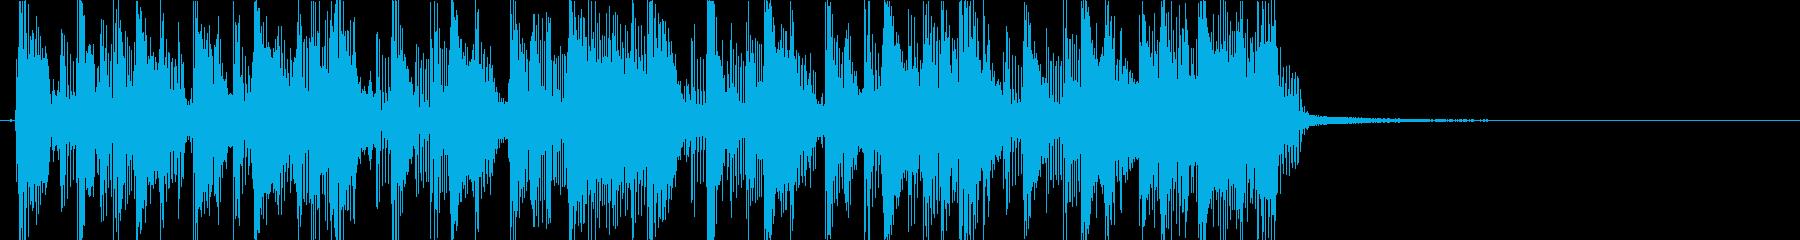 ギターカッティングのファンキーなジングルの再生済みの波形